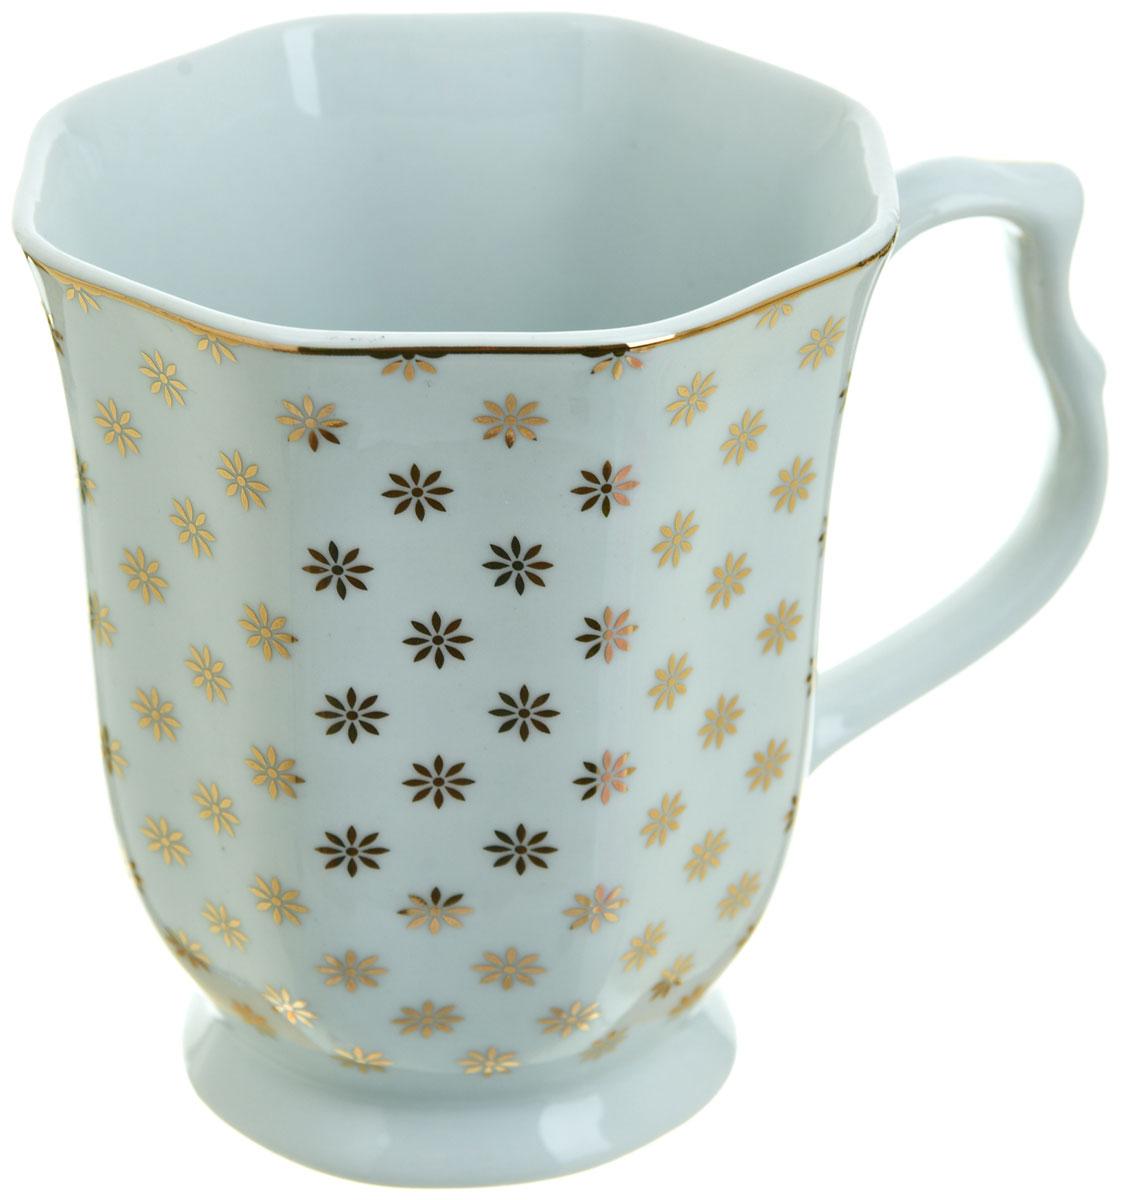 Кружка BHP Золотой каприз, 350 млM1270481Оригинальная кружка Best Home Porcelain, выполненная из высококачественного фарфора, сочетает в себе простой, утонченный дизайн с максимальной функциональностью. Оригинальность оформления придутся по вкусу тем, кто ценит индивидуальность. В комплект входит кружка. Можно использовать в ПММ.